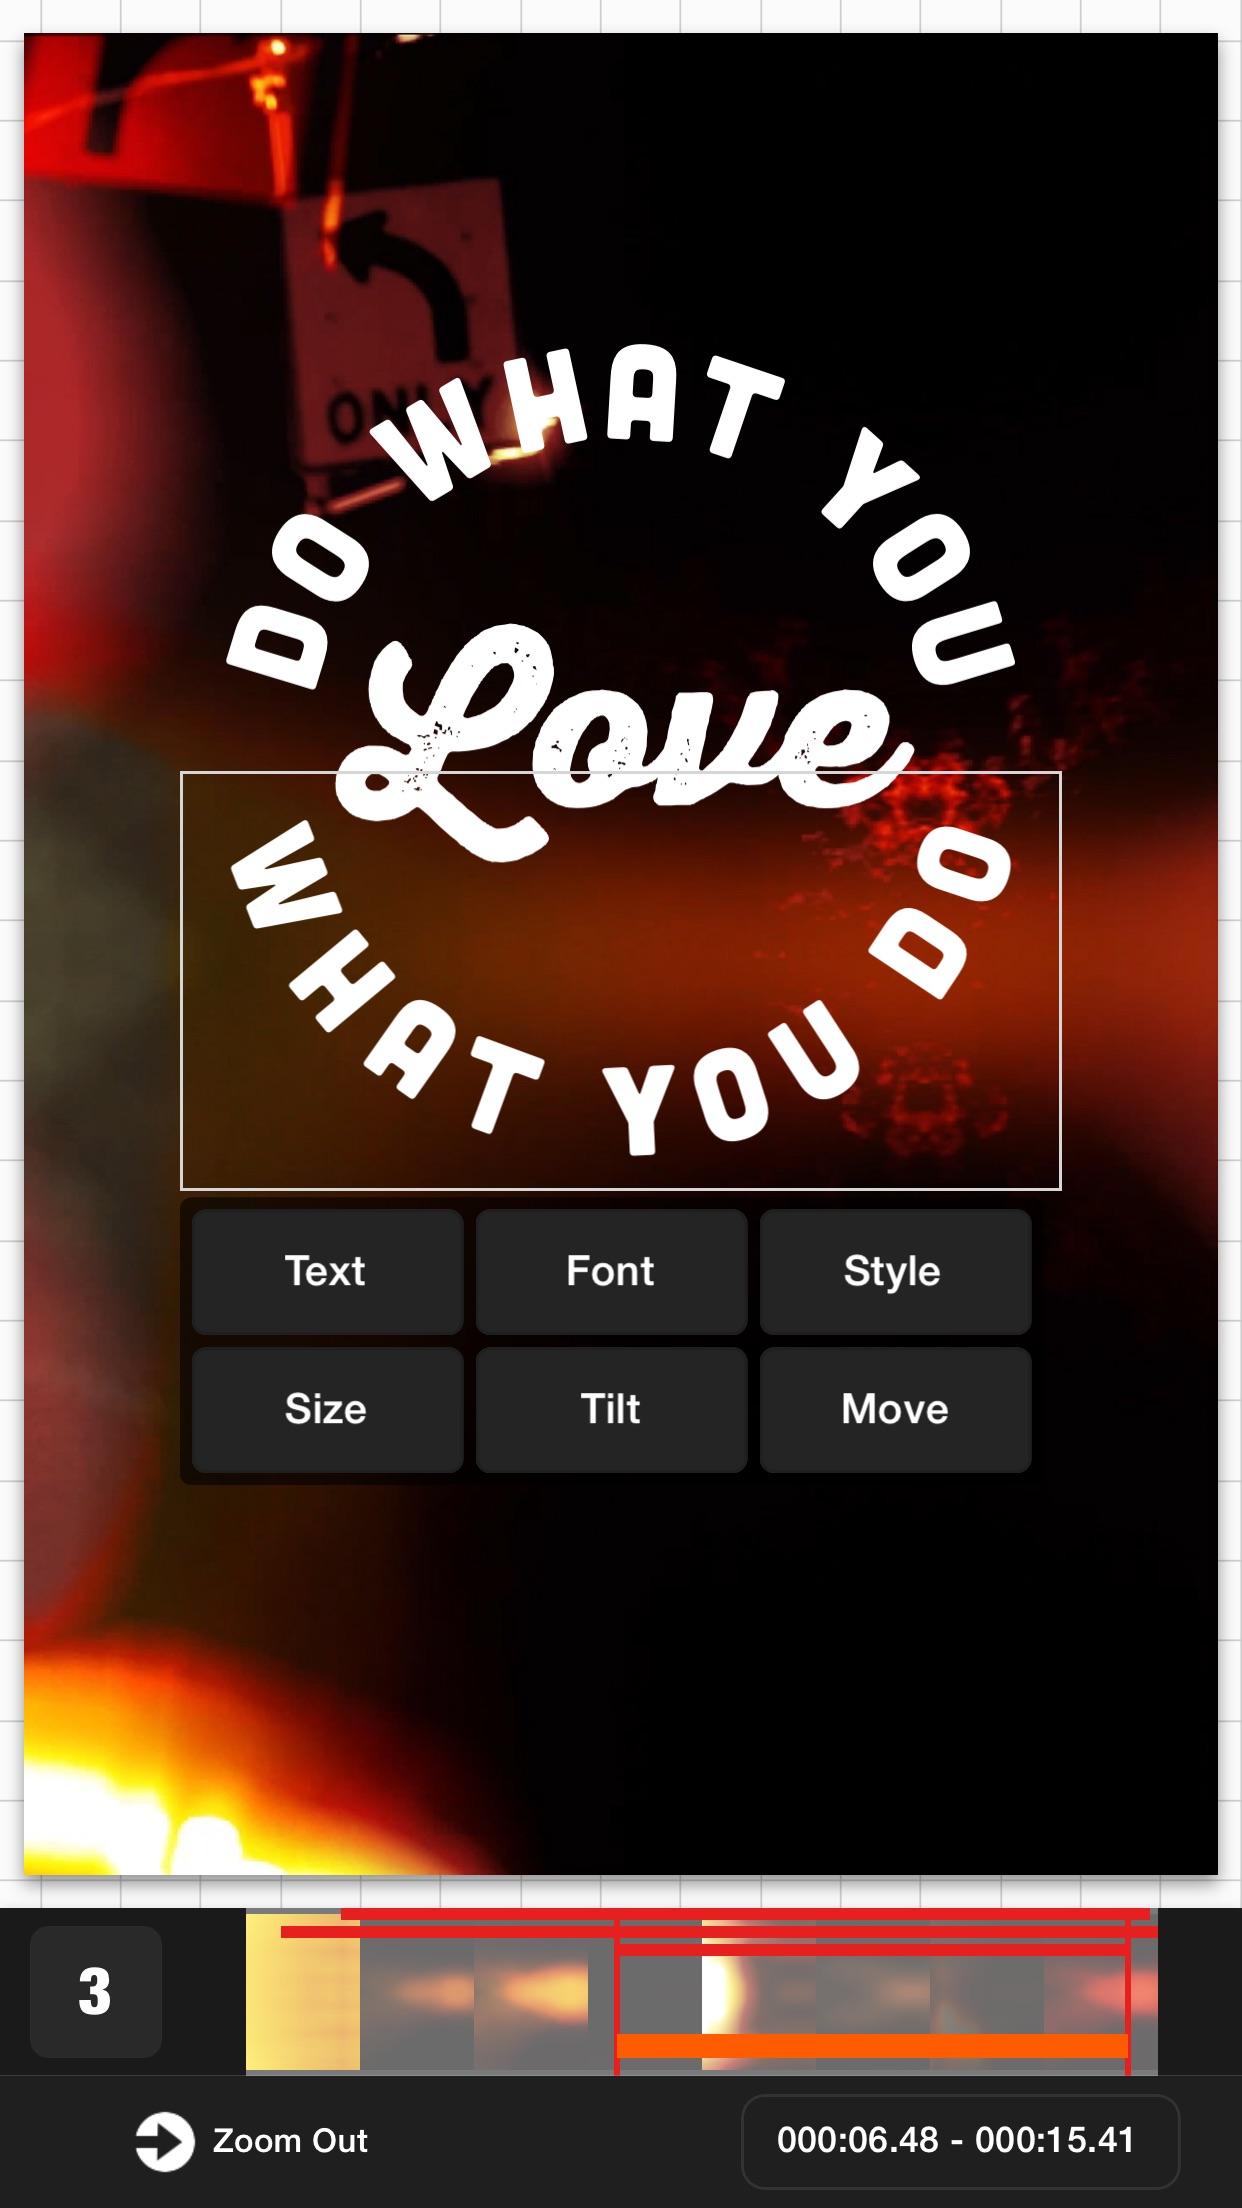 Vont - Text on Videos Screenshot